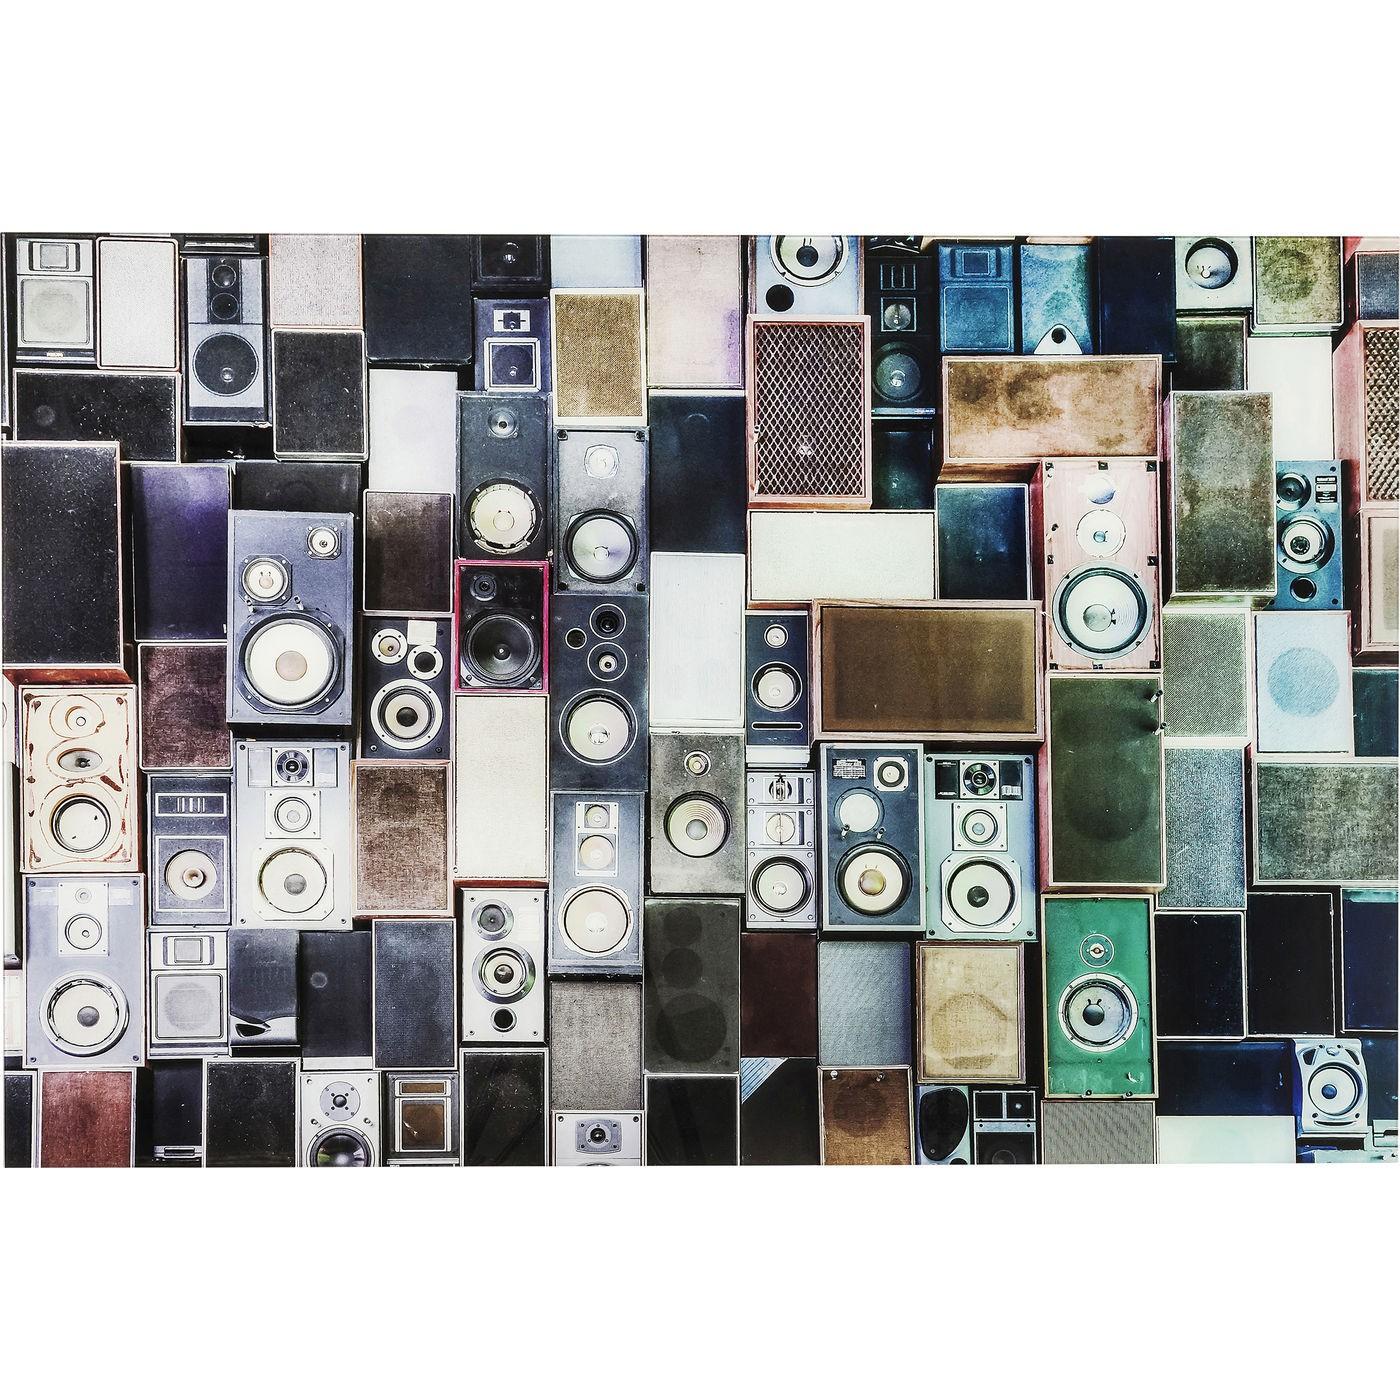 Kare design alu speaker box billede multifarvet aluminium plastik 80x120 plakater og - Kare design outlet ...